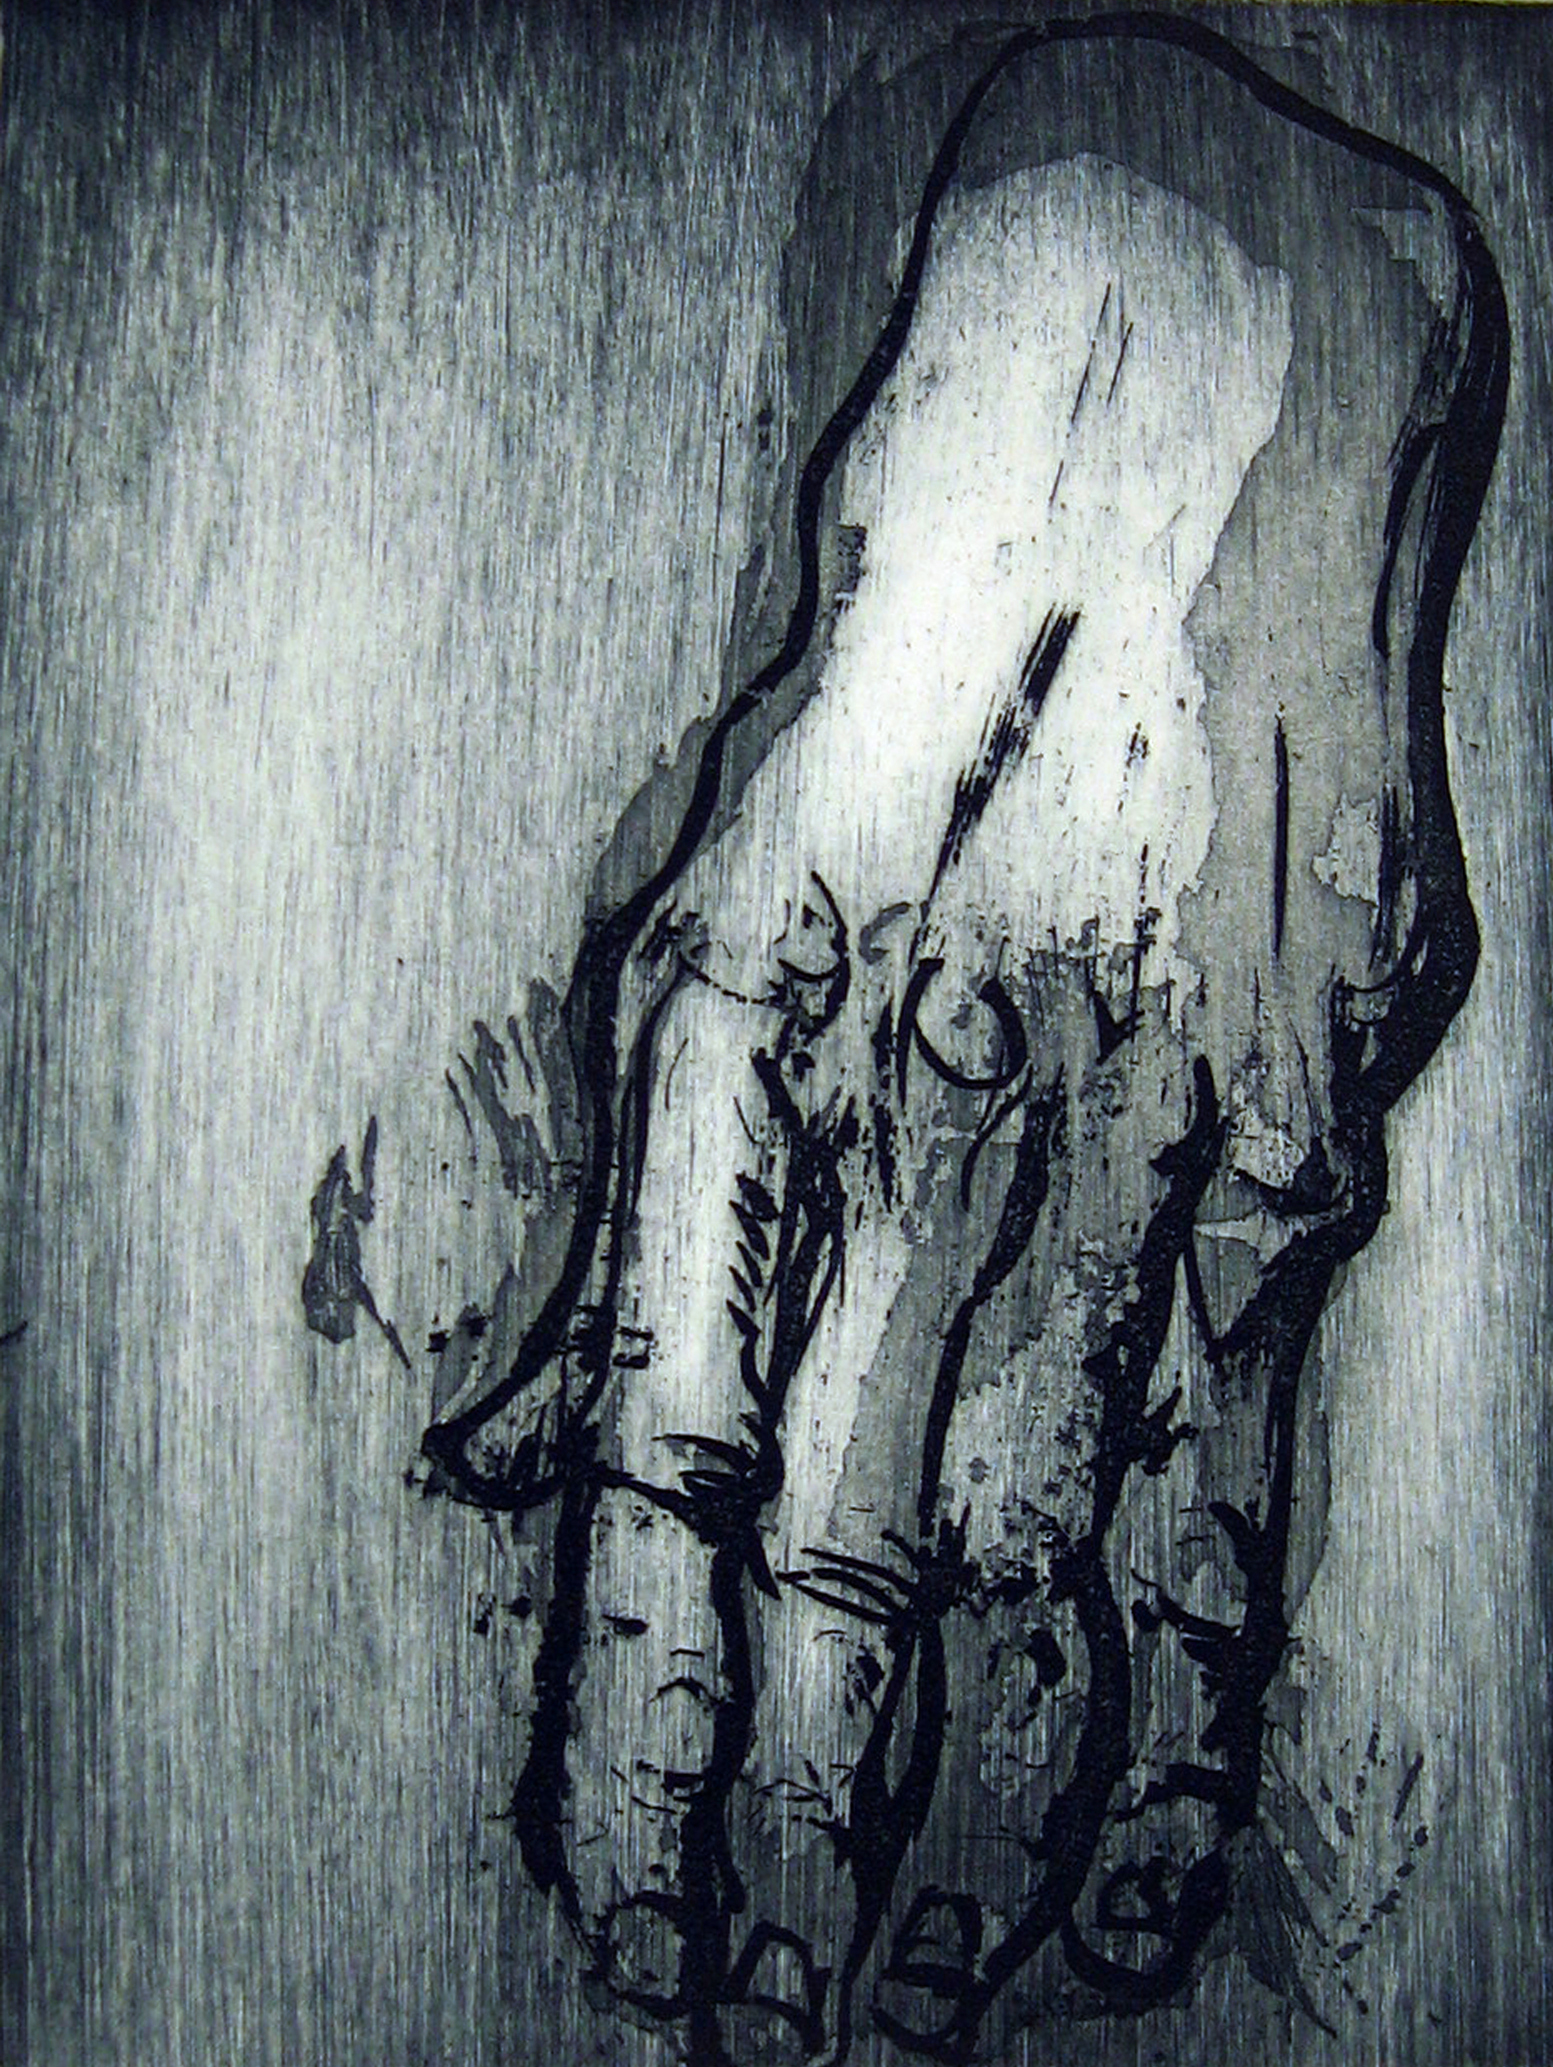 G's Hand at 96